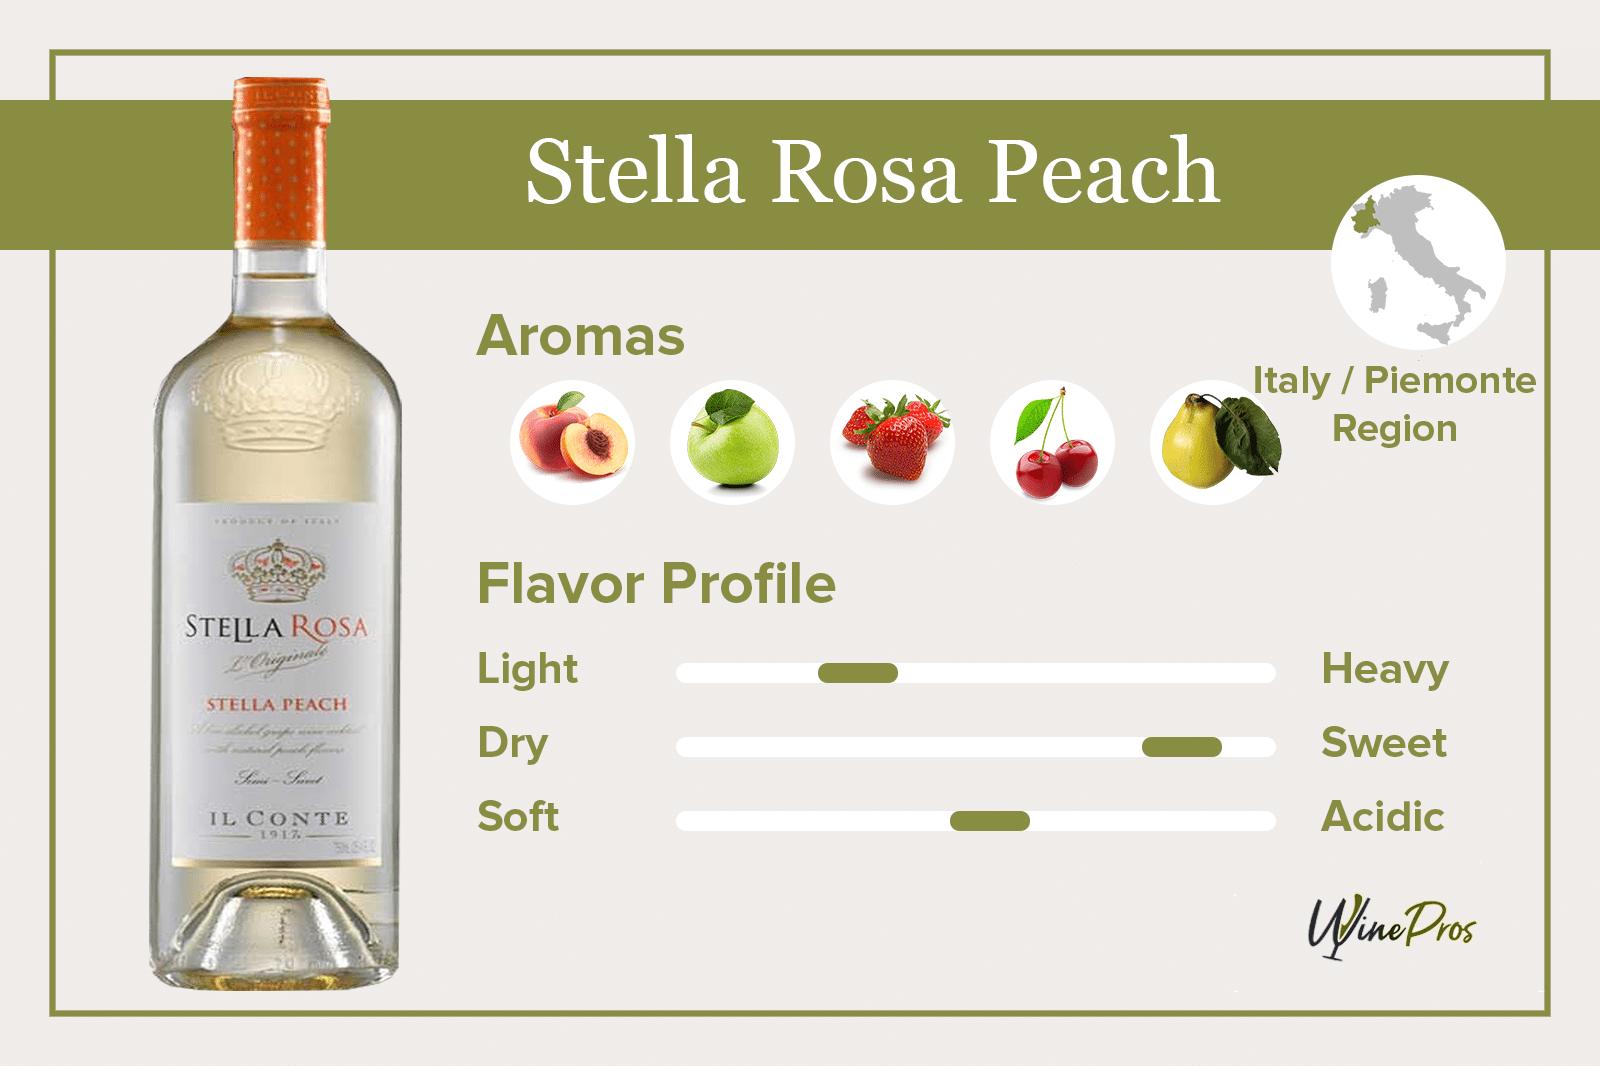 Stella Rosa Peach Review (2021)